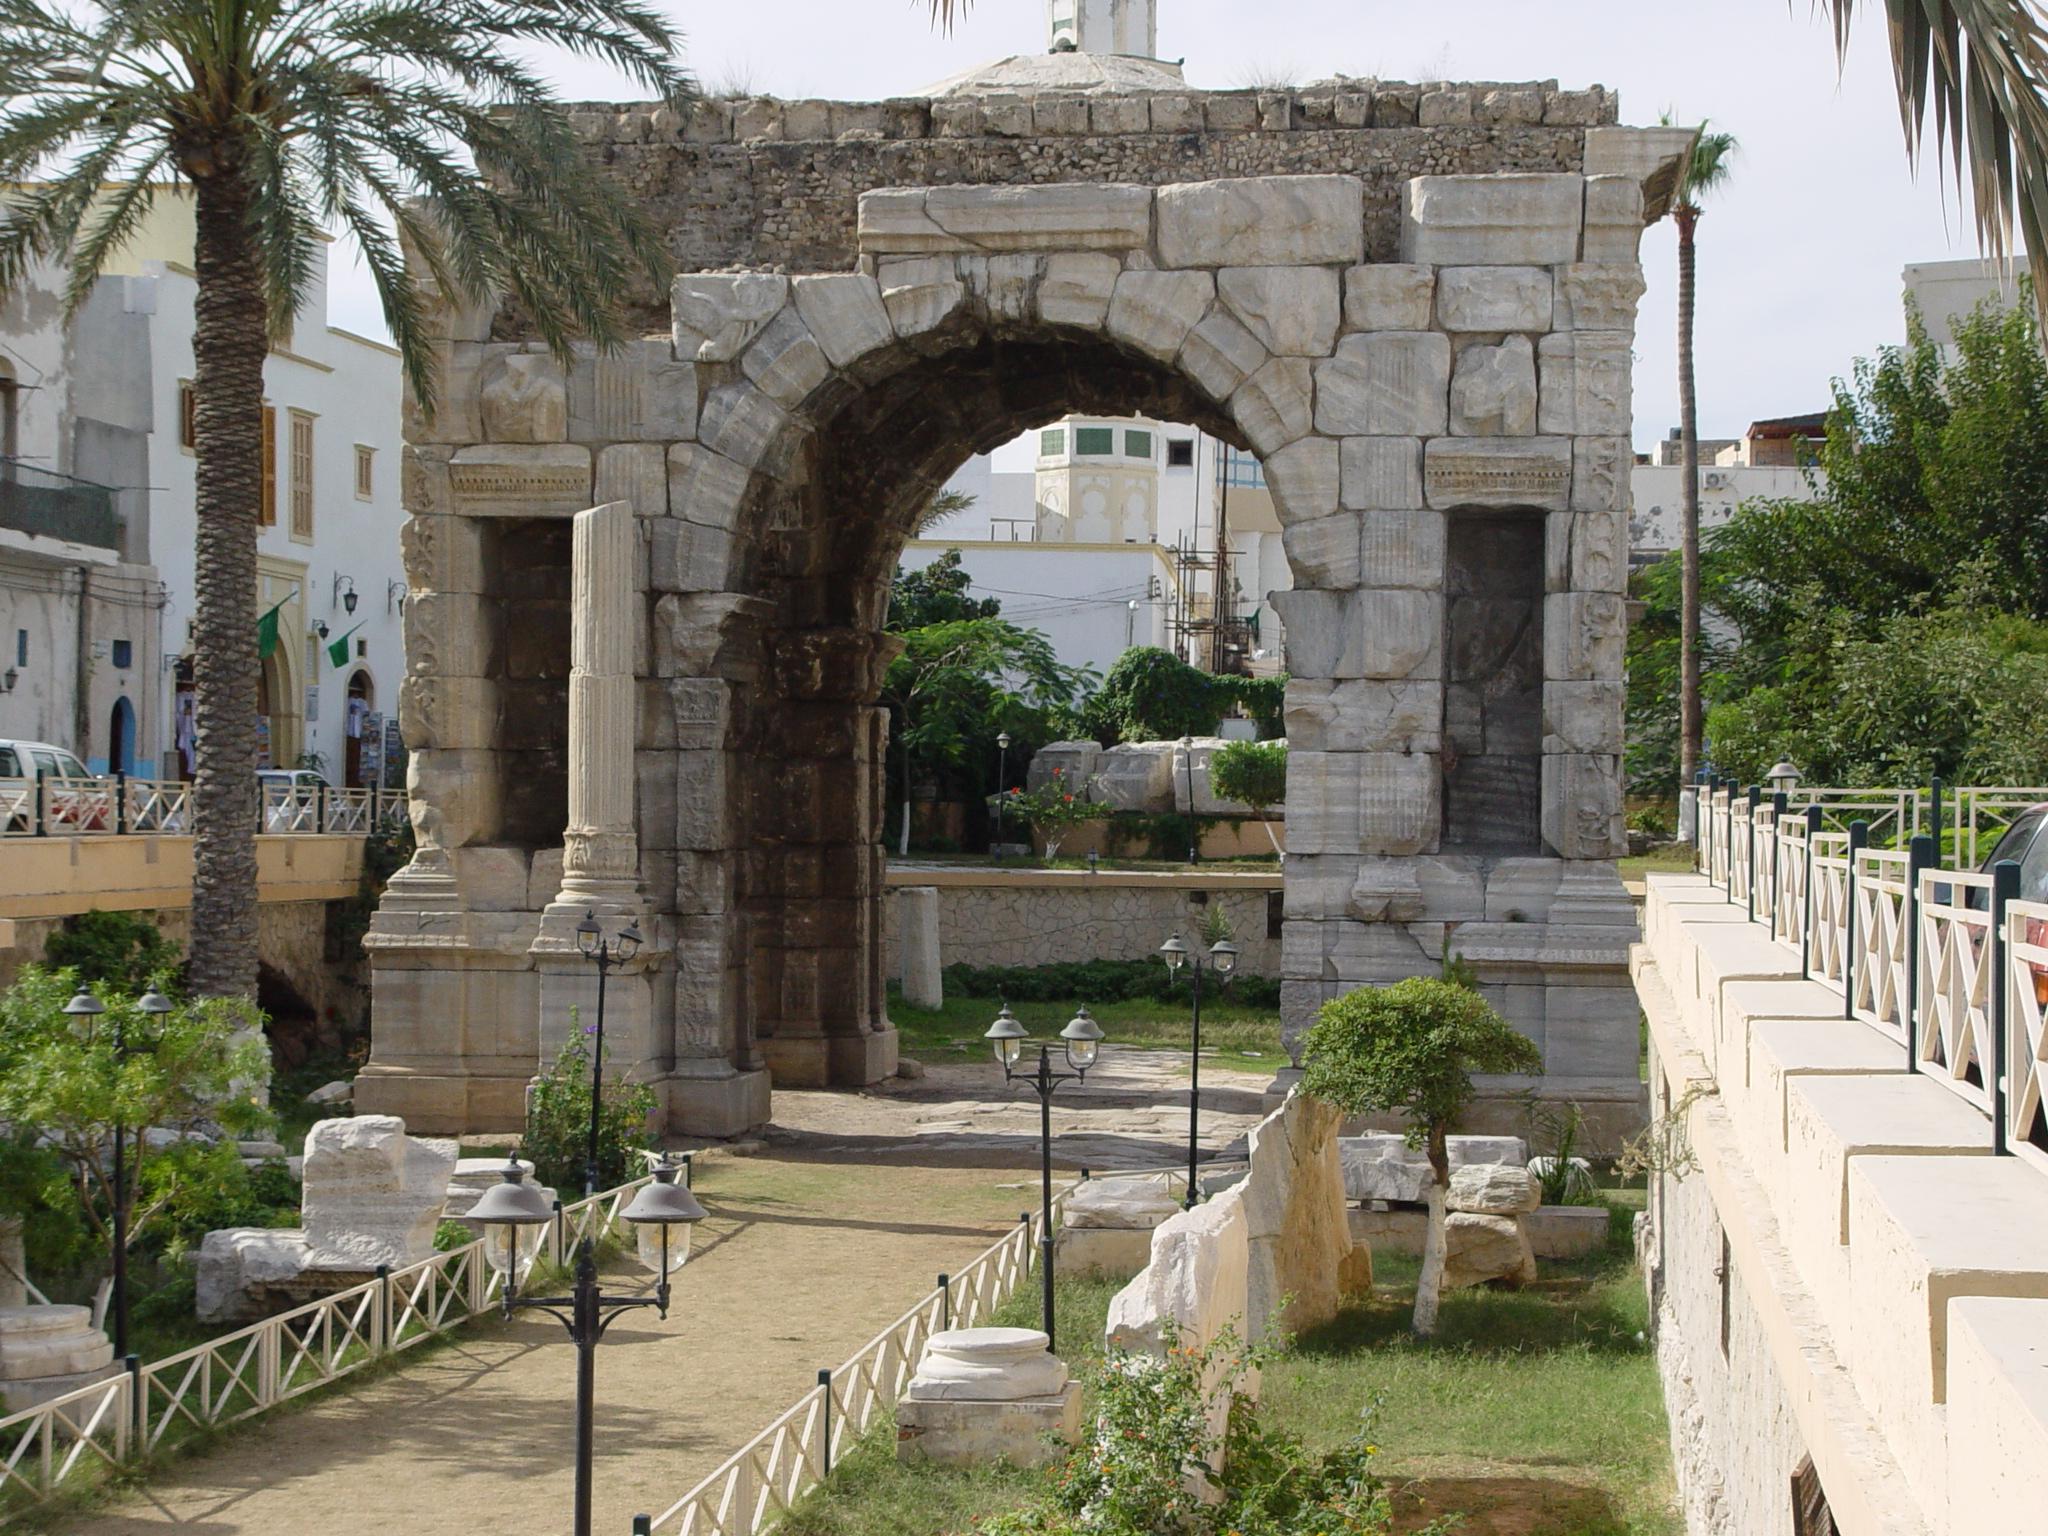 Marcus Aurelius arch in Tripoli, Libya